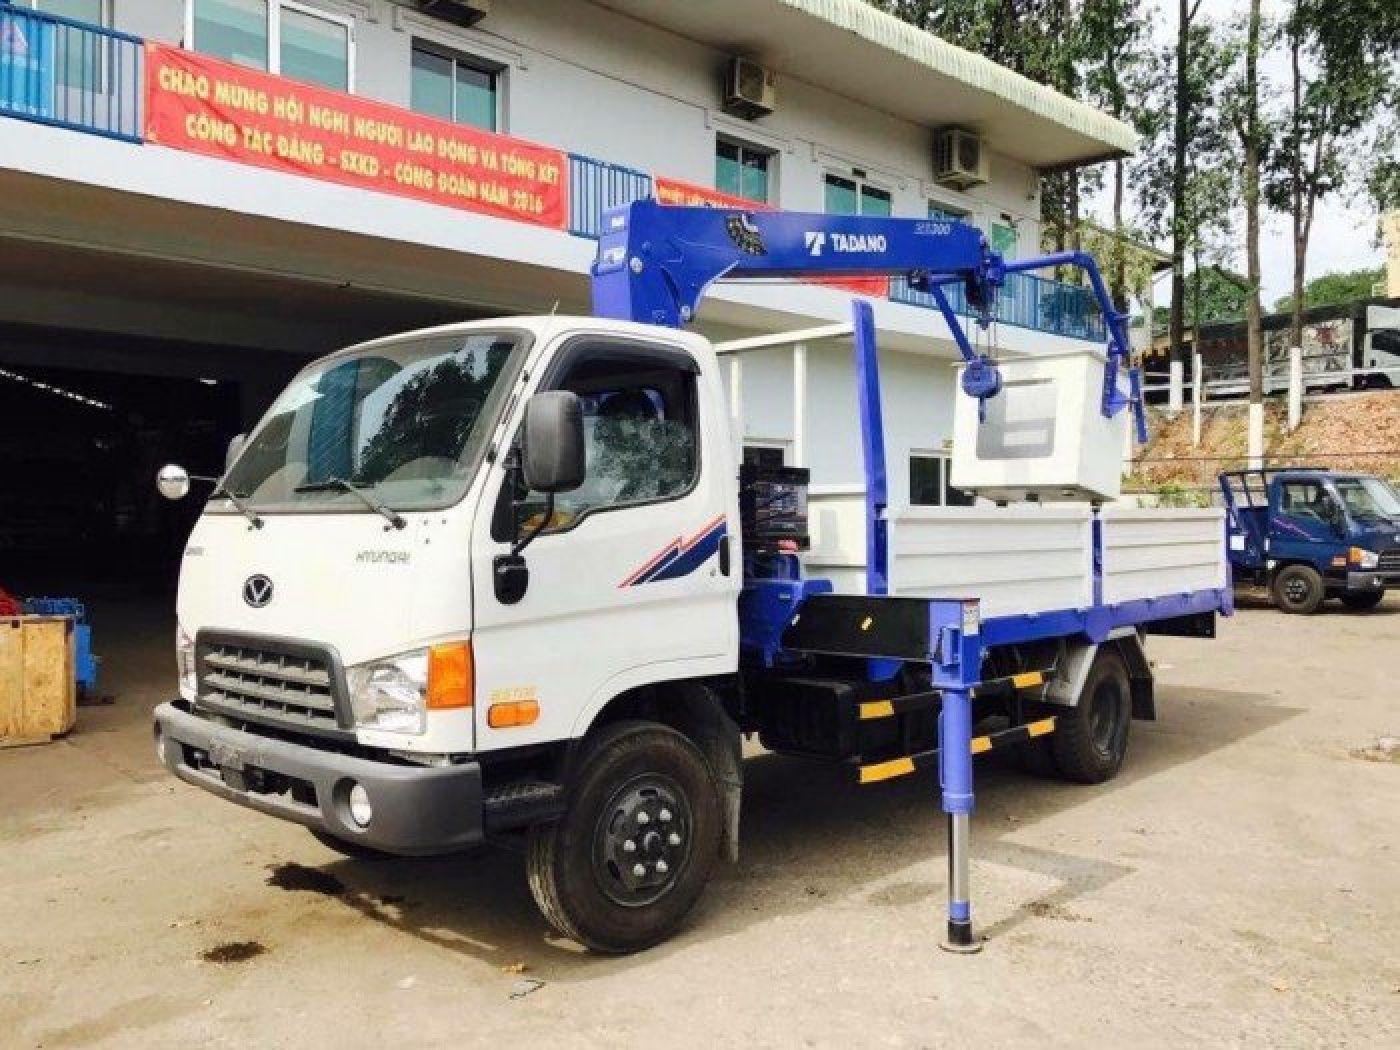 Xe tải cẩu Hyundai Mighty N250SL Chạy trong TP